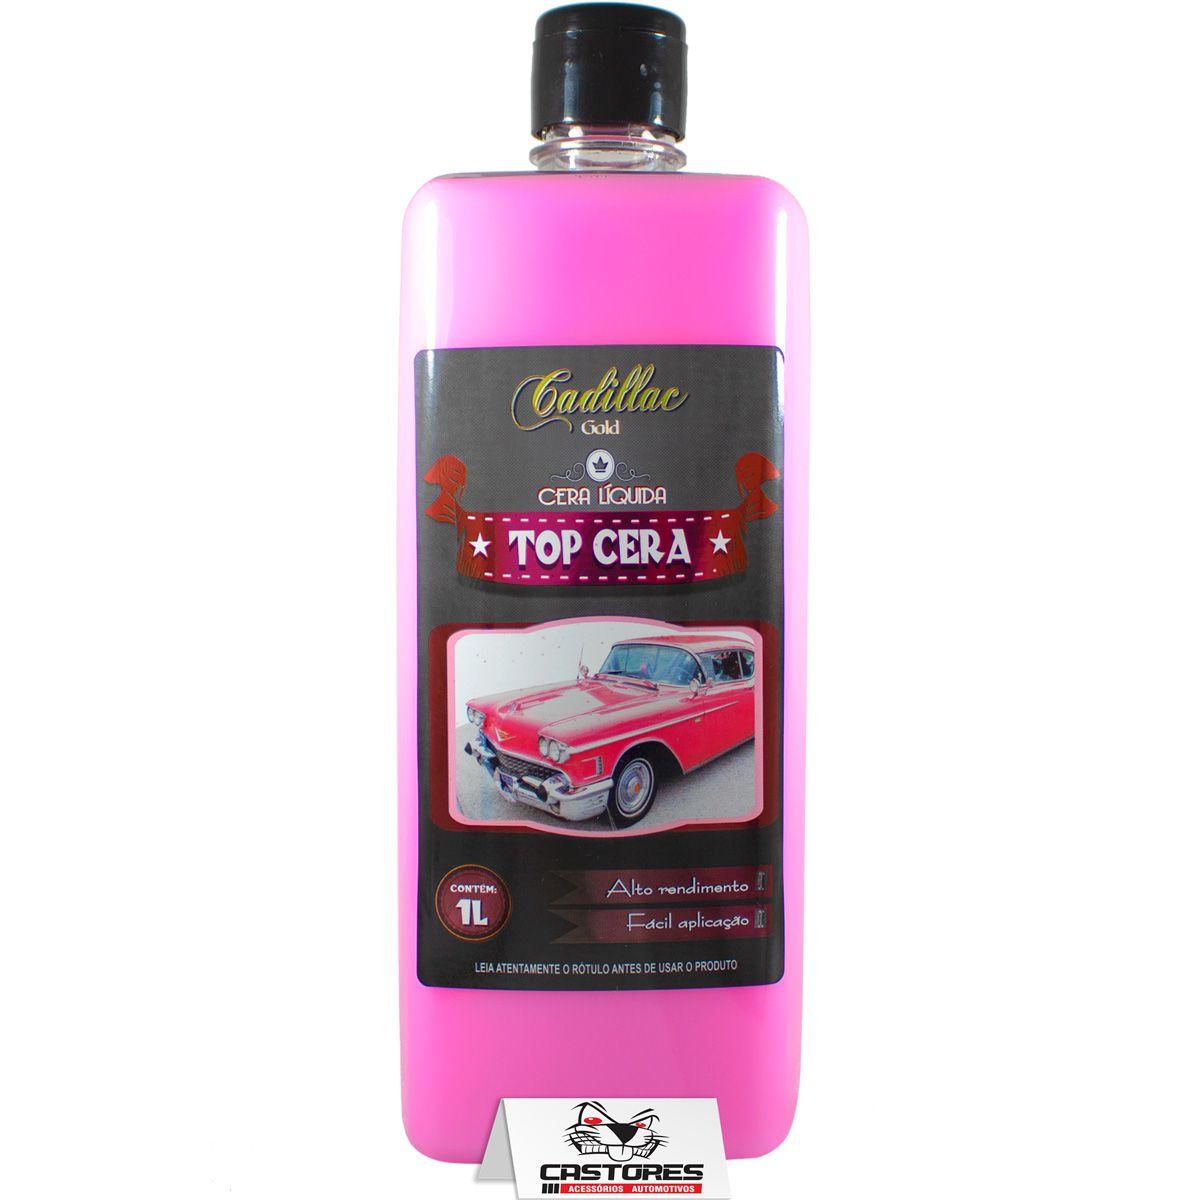 Top Cera Líquida Cadillac 1 Litro Concentrada